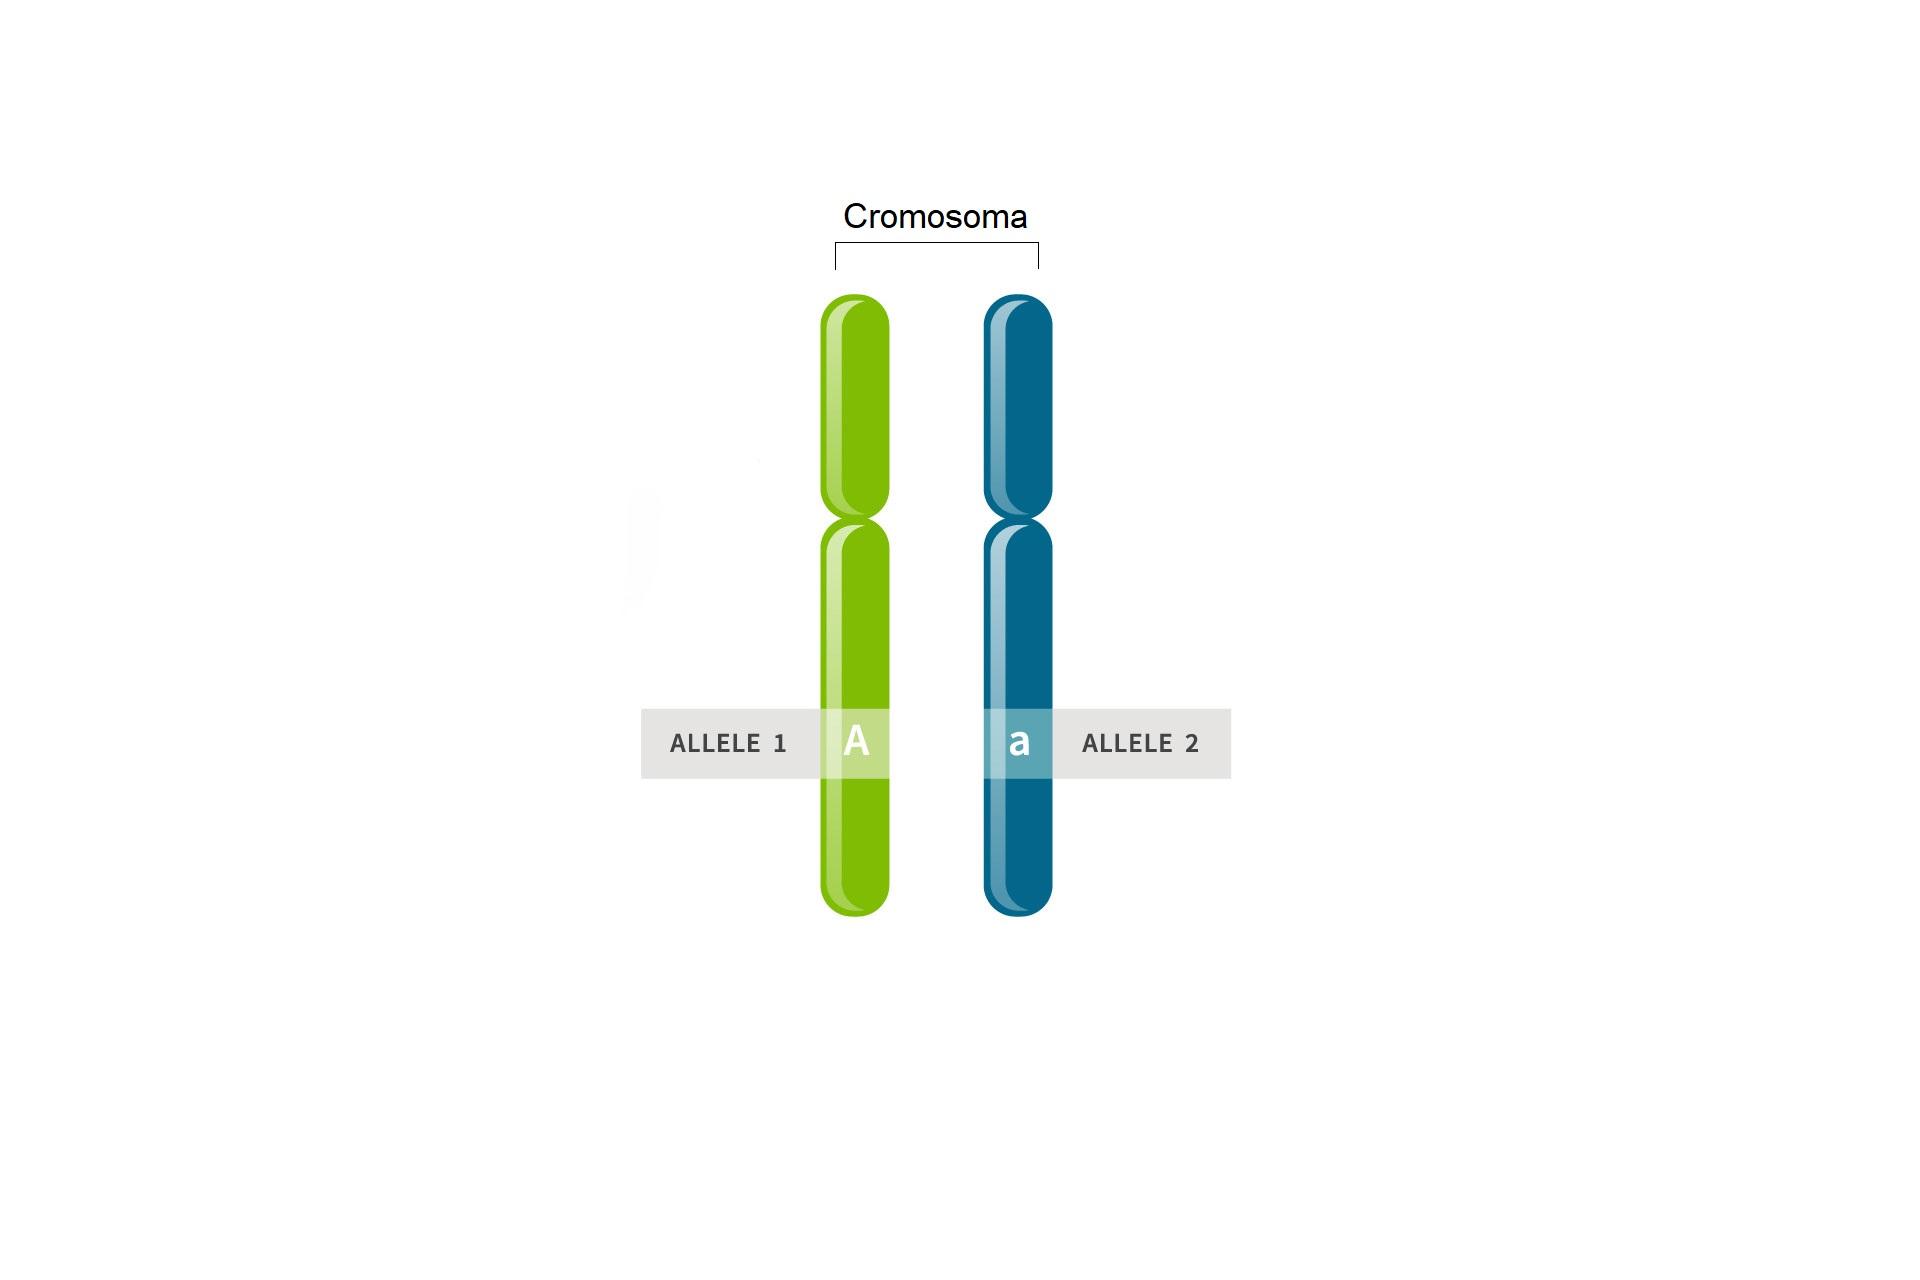 definizione di allele